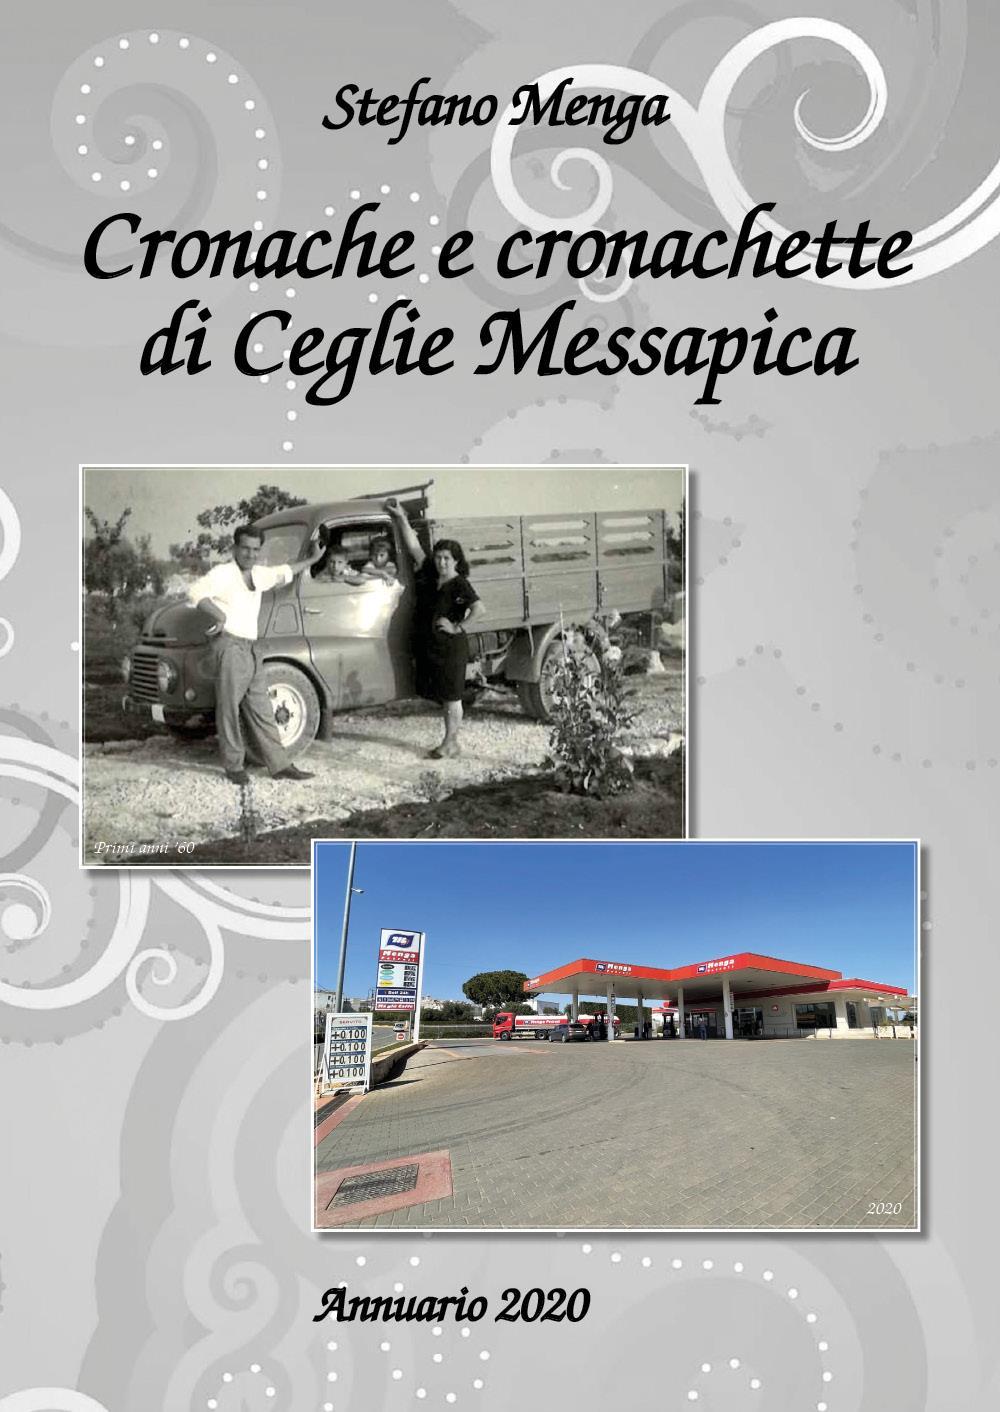 Cronache e Cronachette di Ceglie Messapica. Annuario 2020